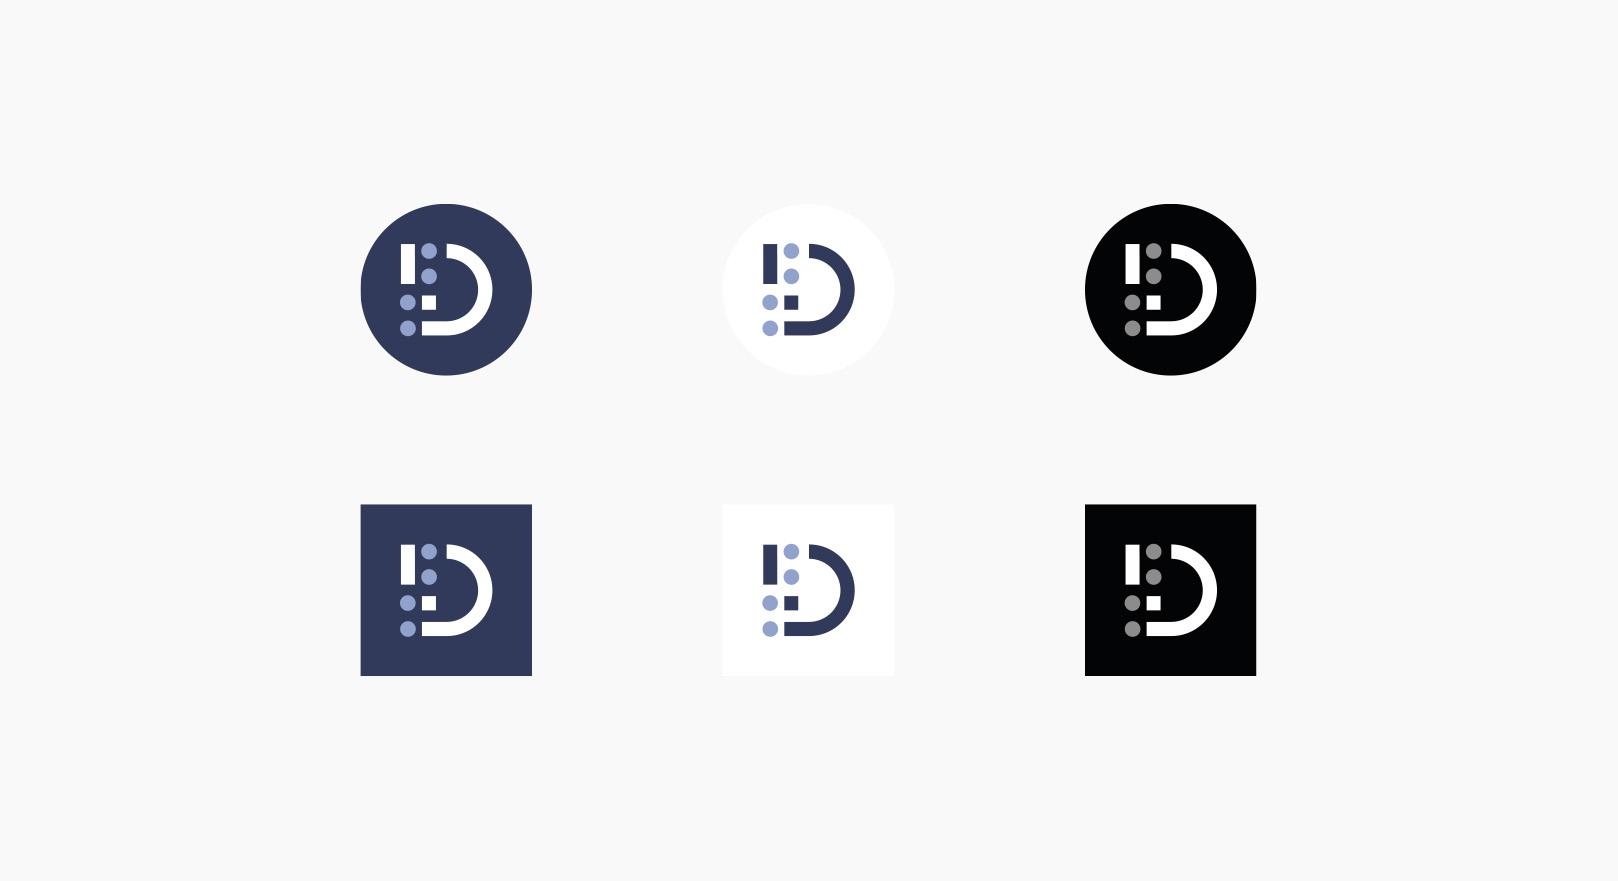 Dariah.lab - Identyfikacja wizualna - logotyp ikona favicon